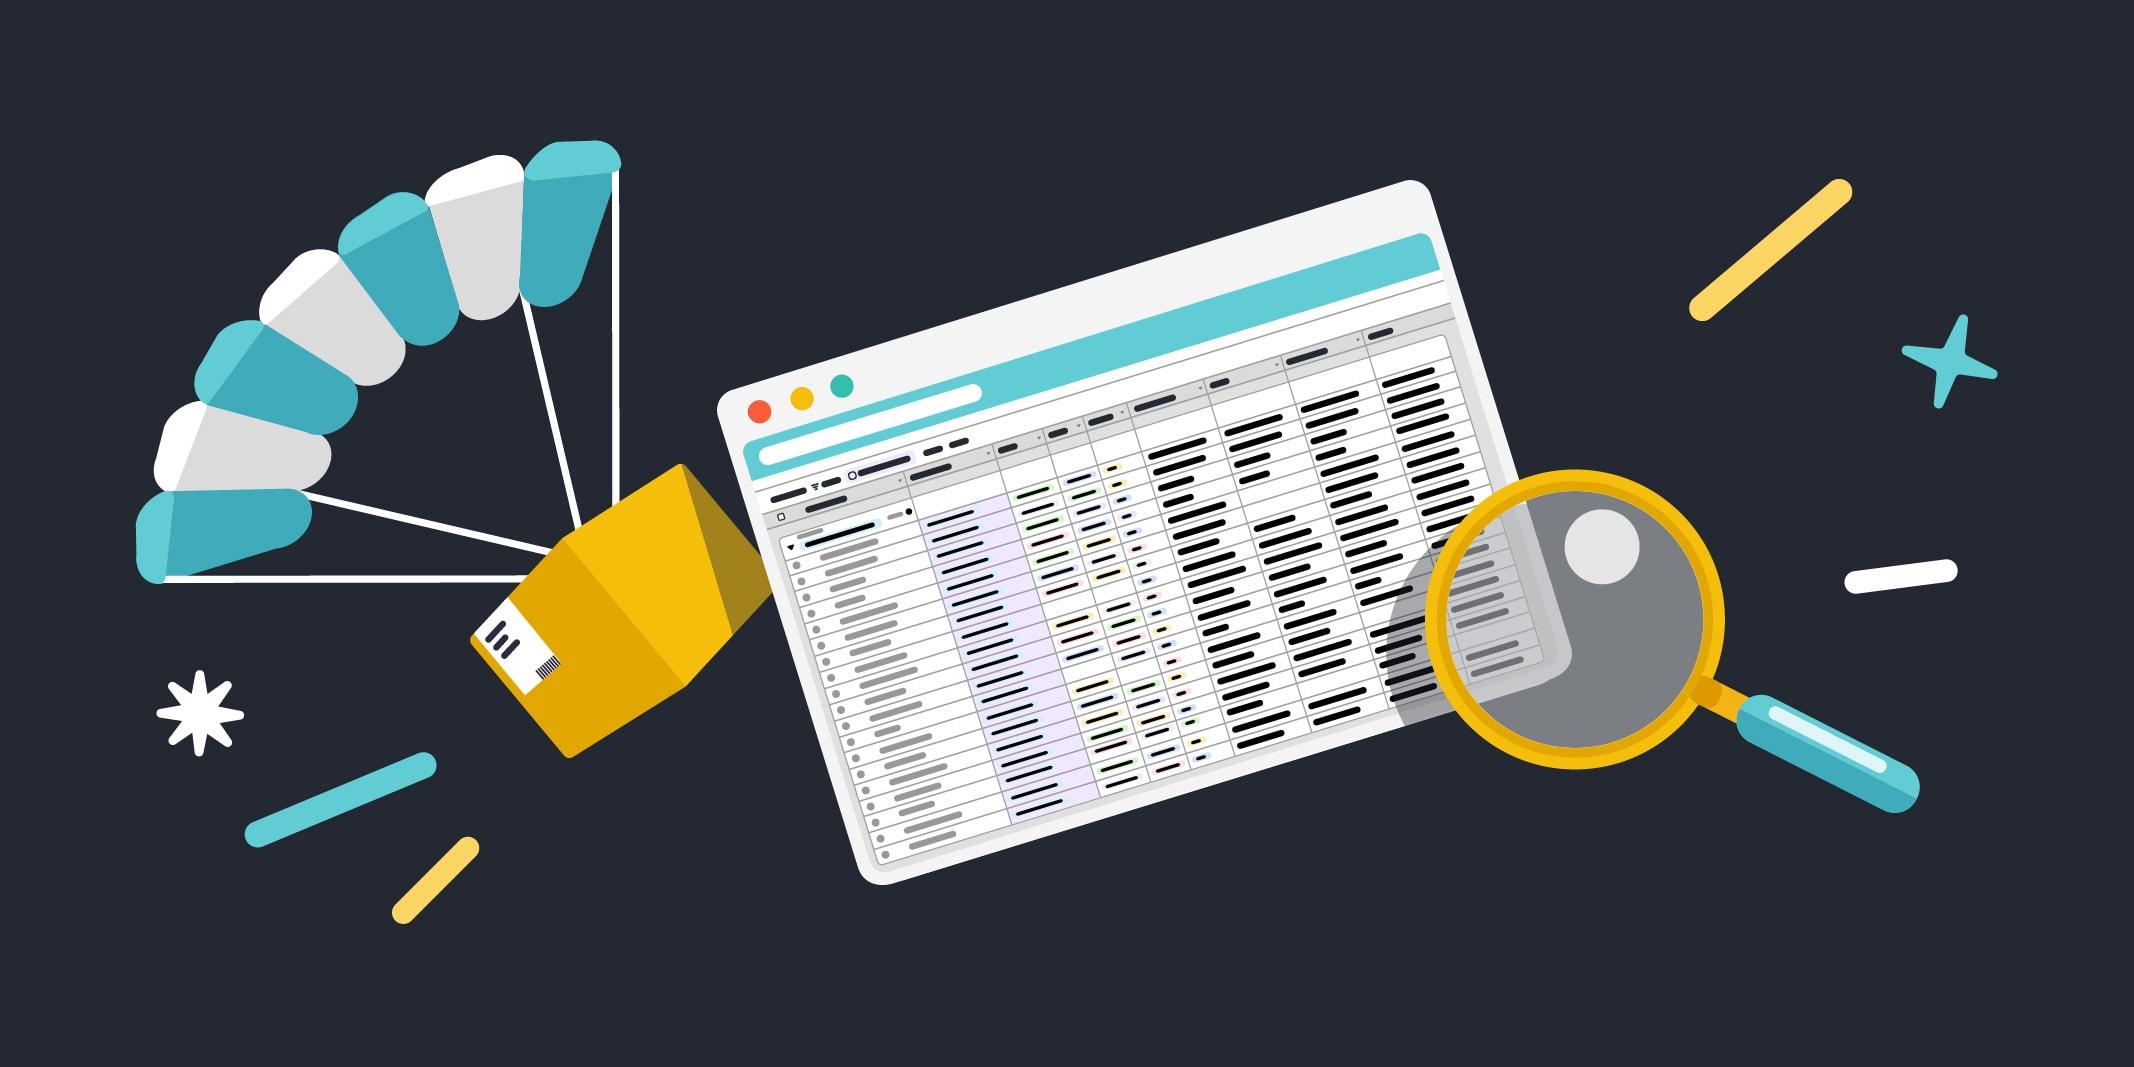 Drop Shipping Spreadsheet Regarding Finding Drop Shipping Companies + Free Directory